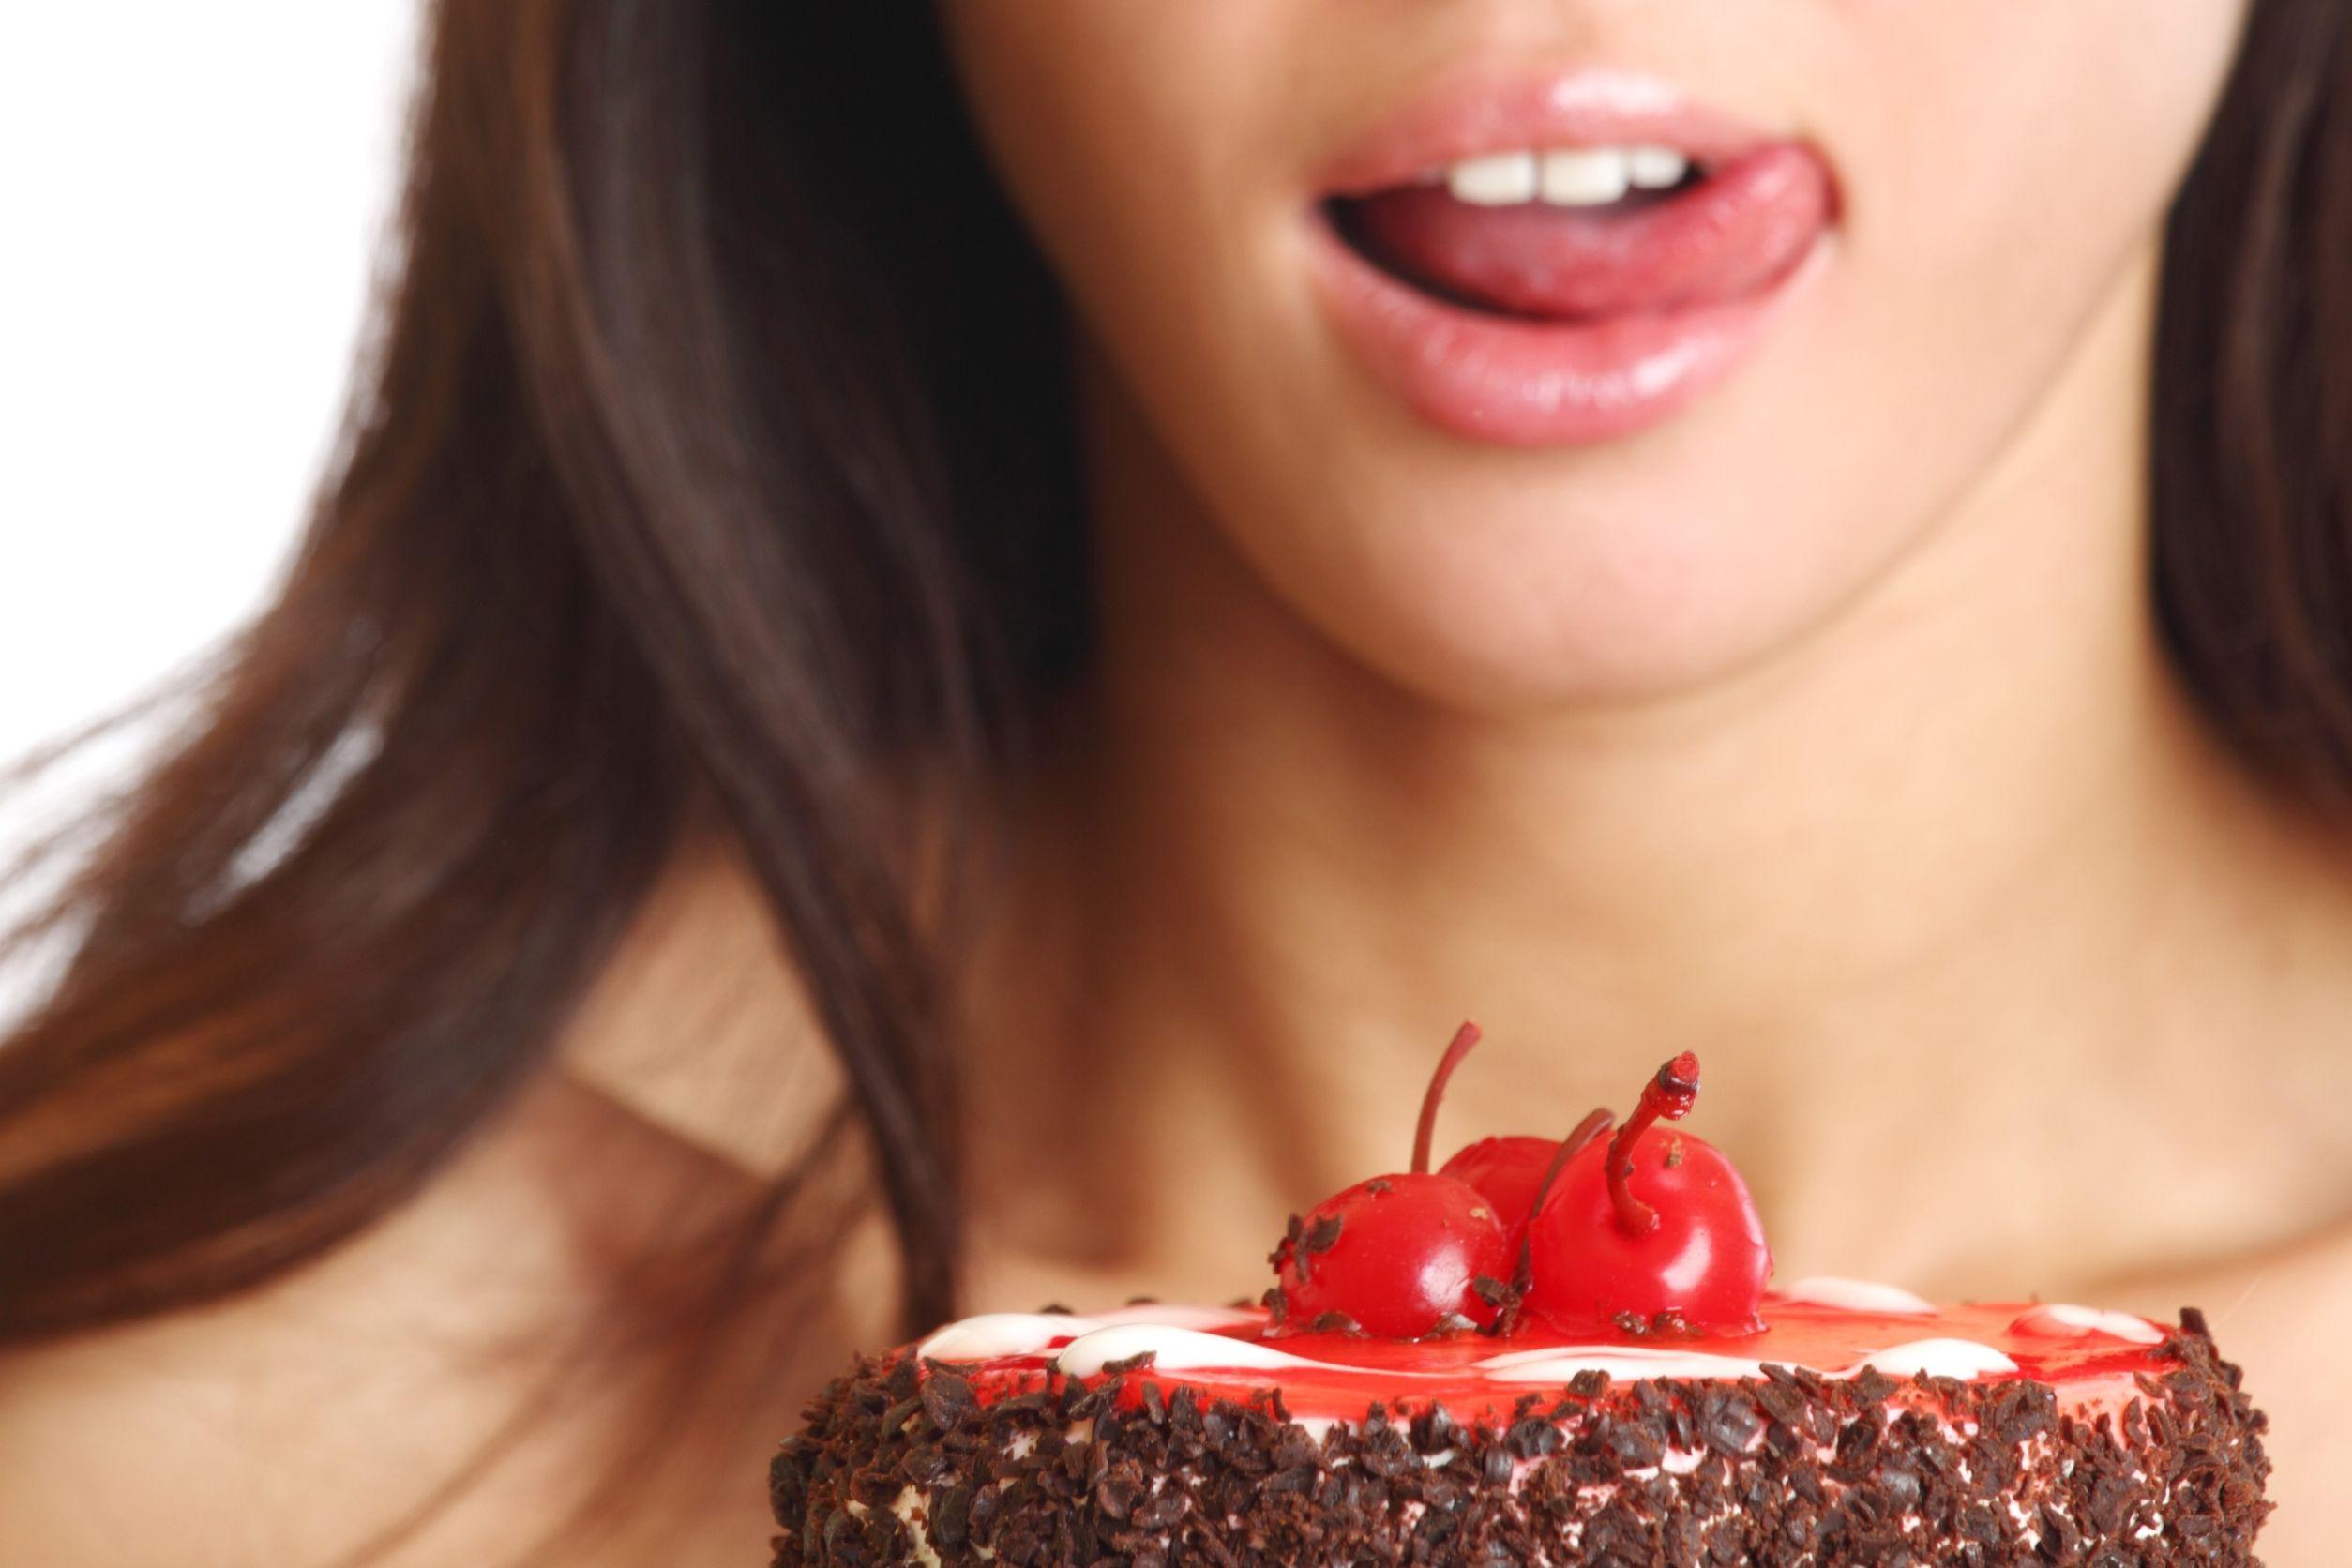 ストレスで甘いものが食べたい